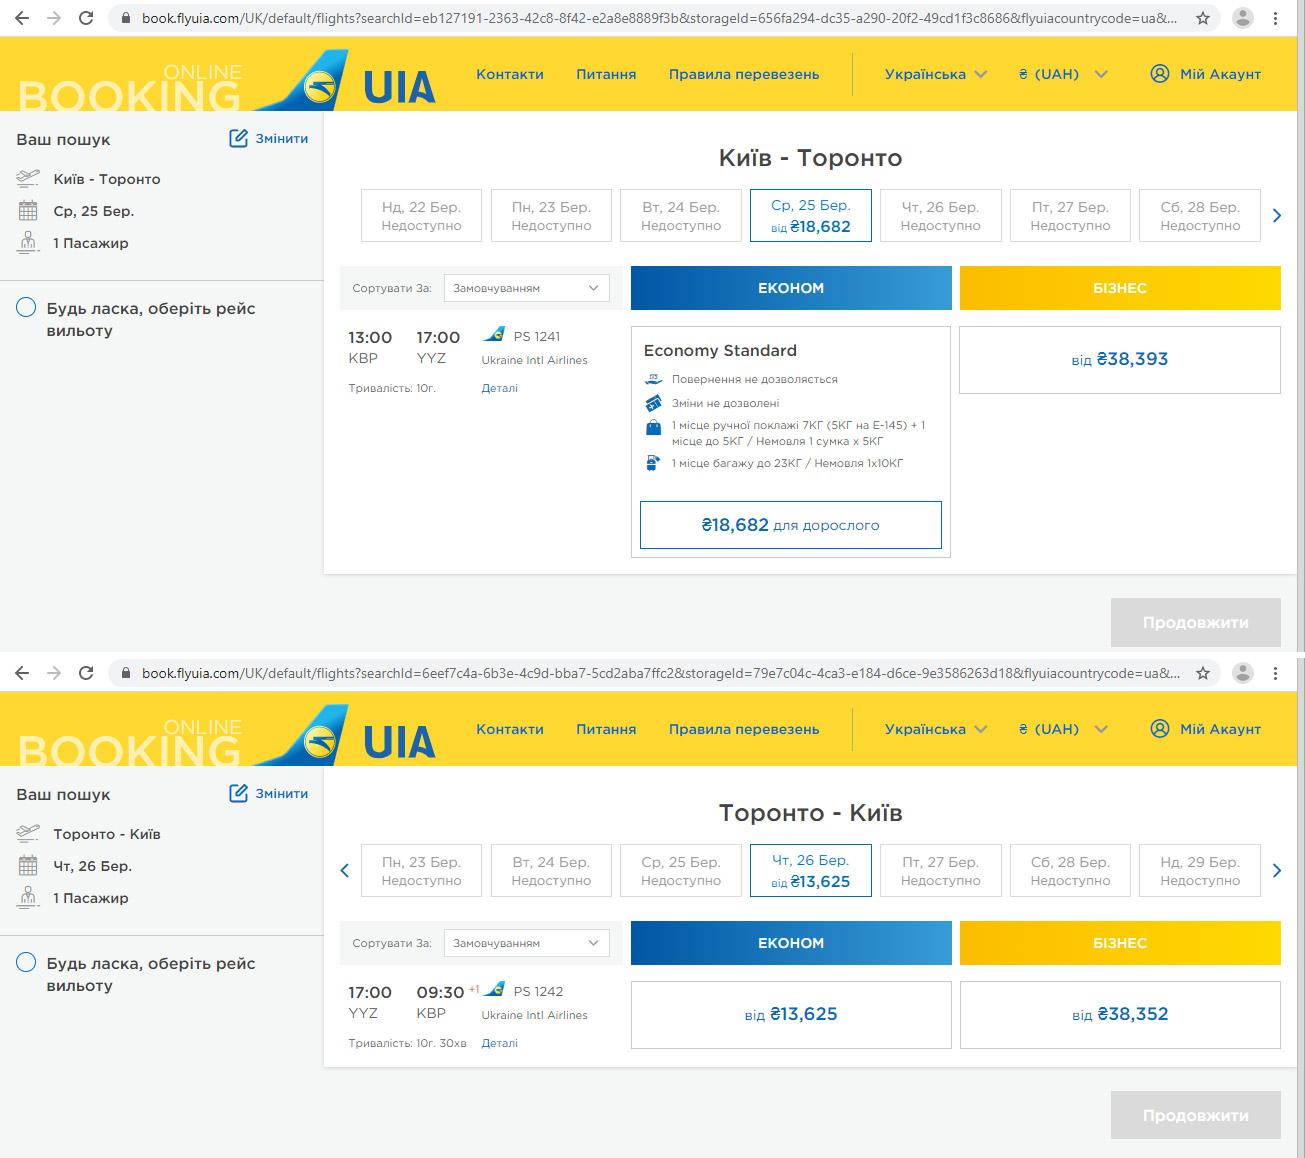 Авиабилеты на эвакуационные рейсы МАУ Киев-Торонто и Торонто-Киев